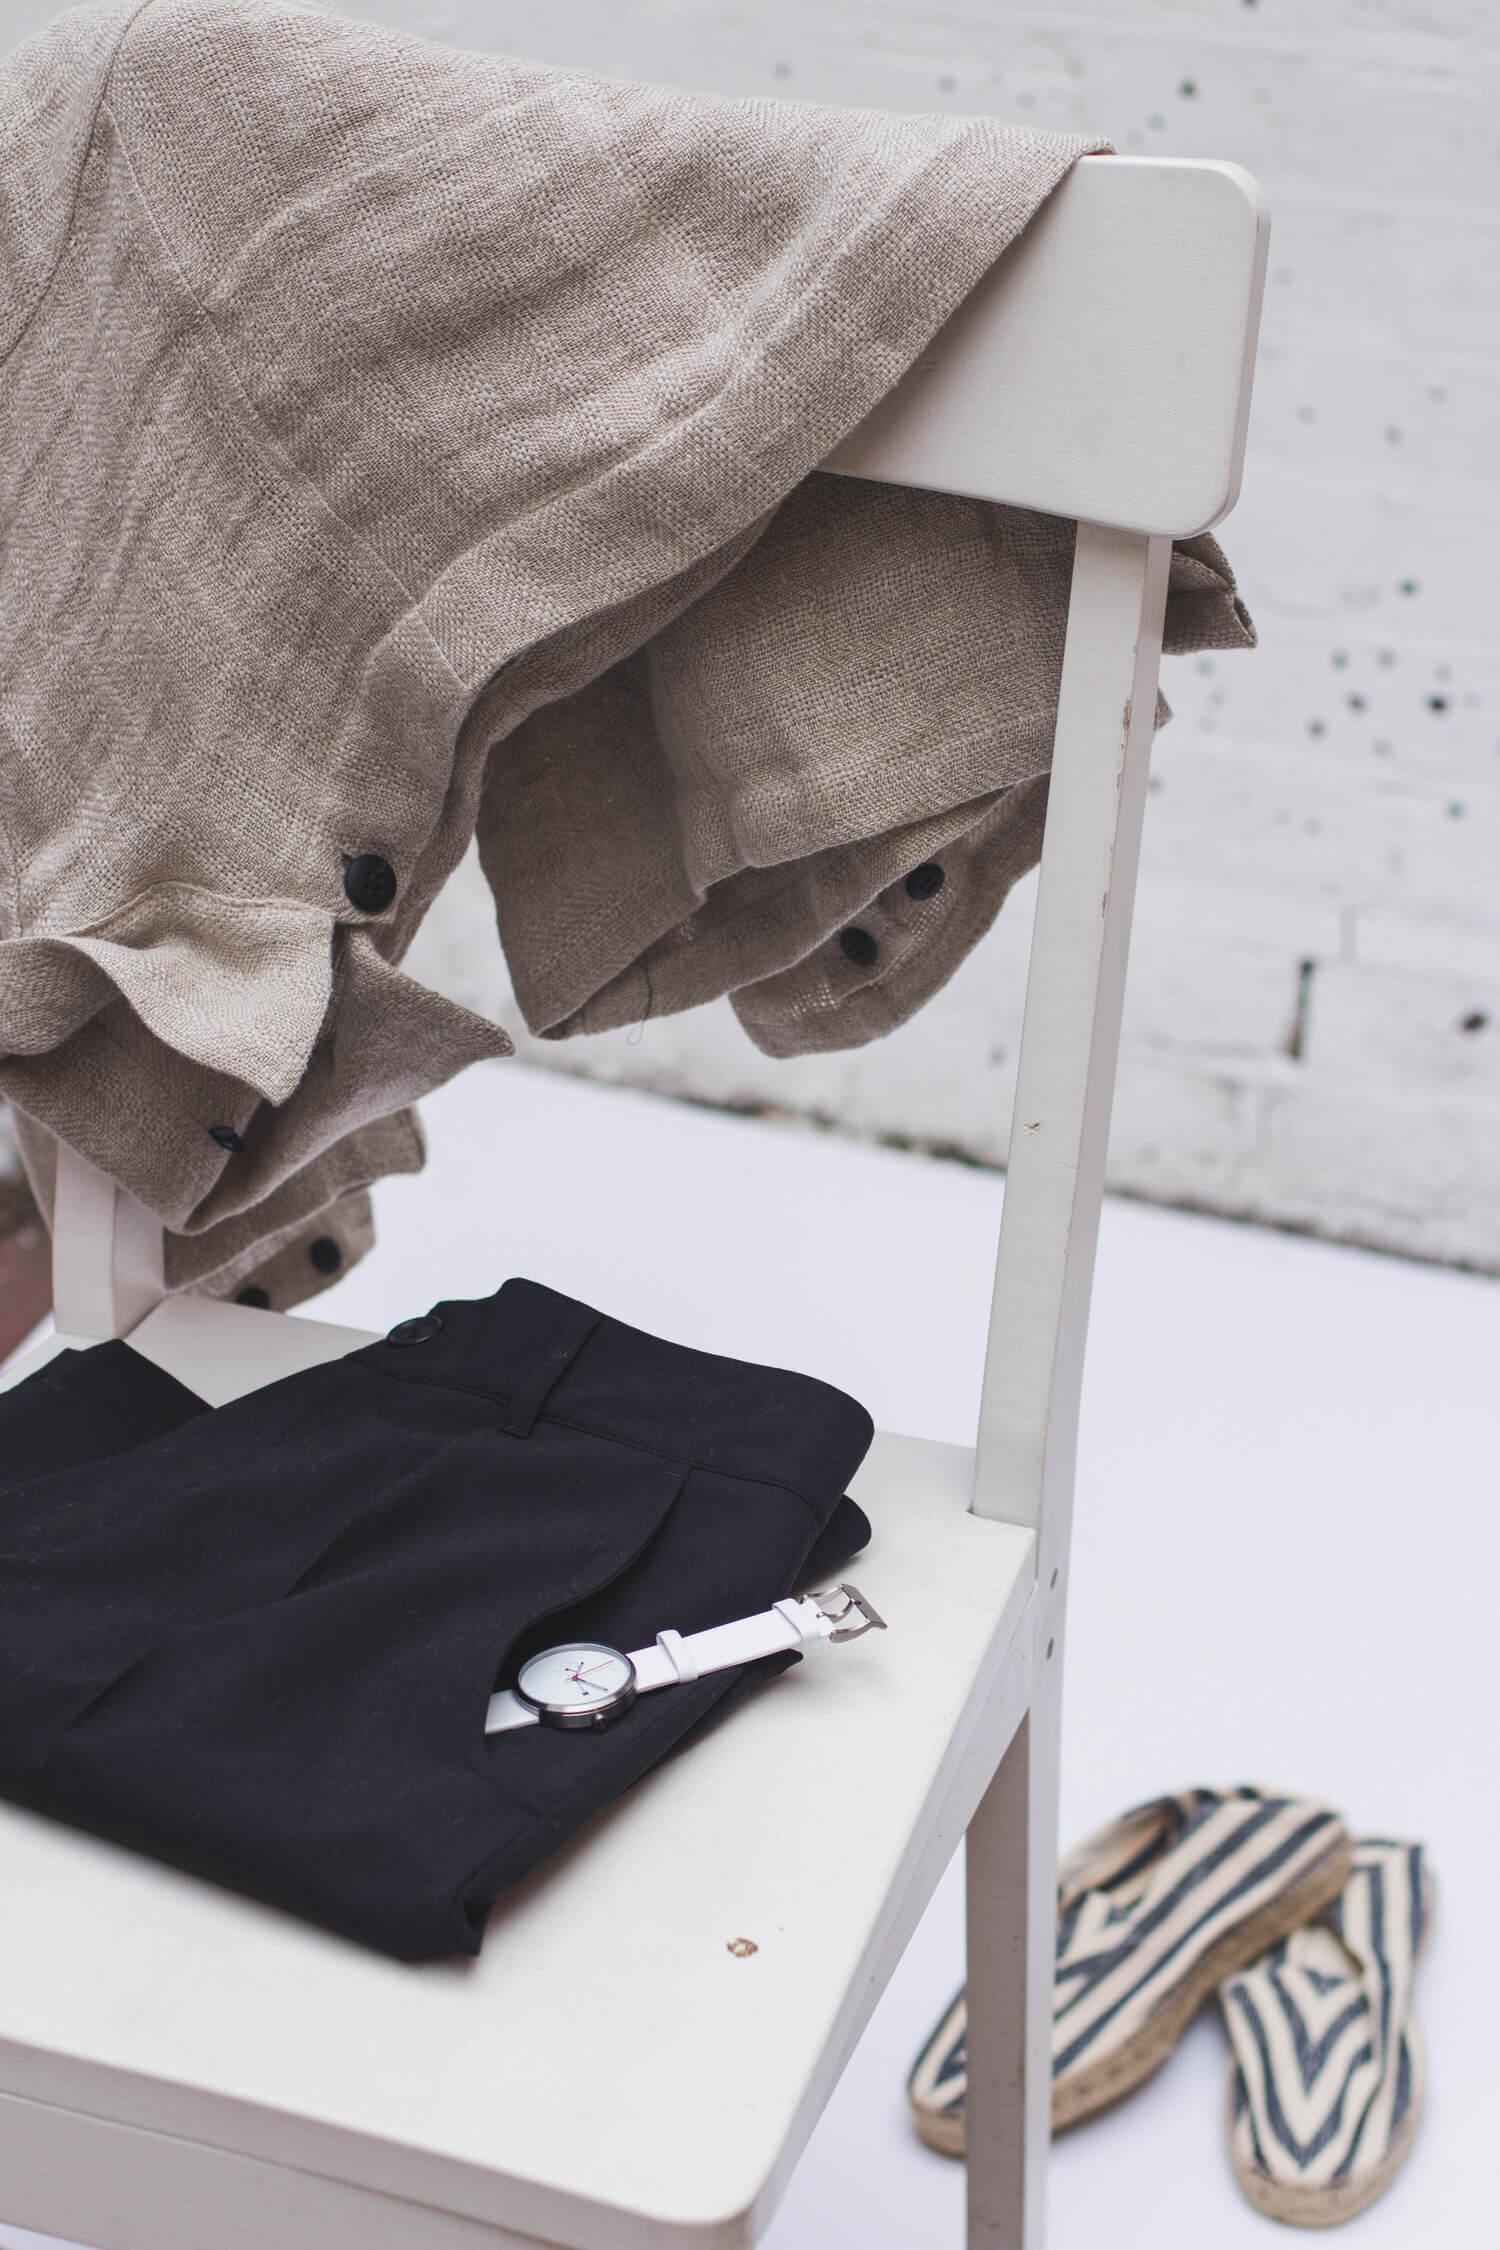 wardrobe-makeover-items.jpg